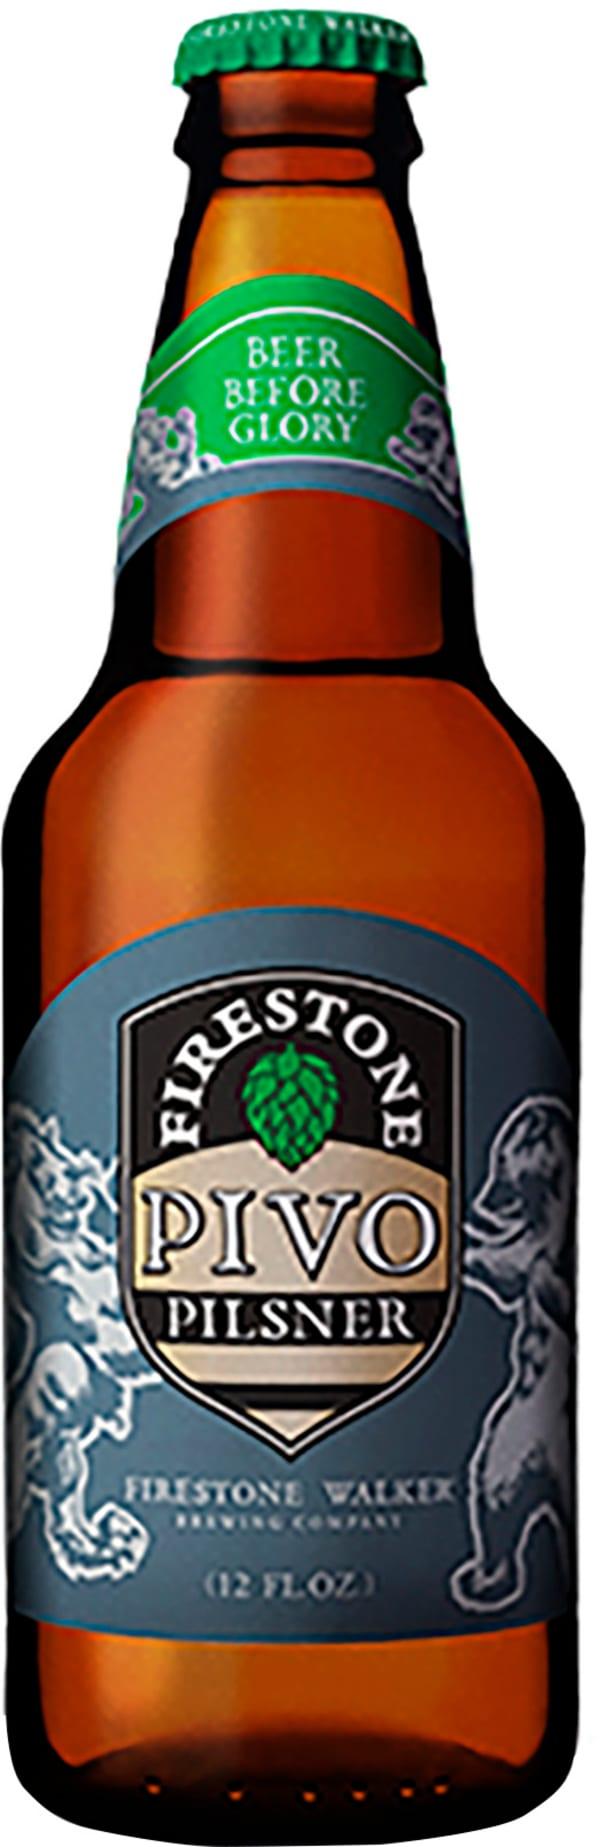 Firestone Pivo Hoppy Pils